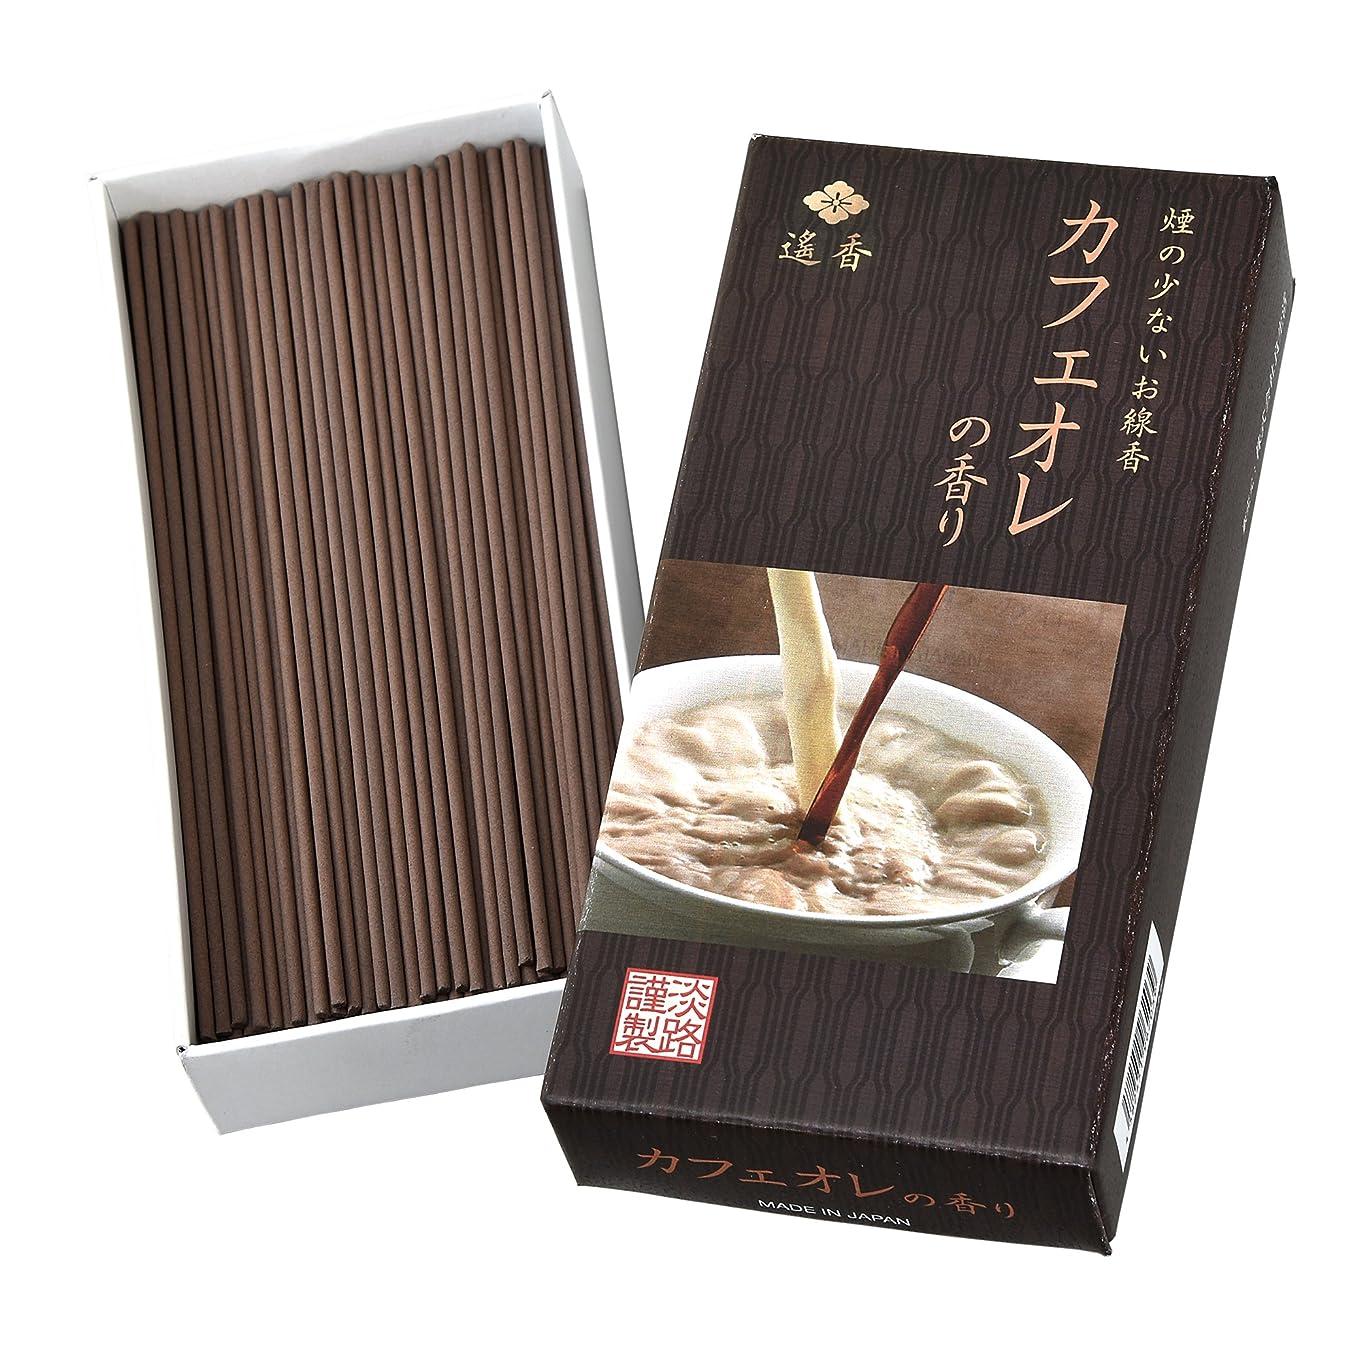 サイクロプス不条理シャッター遙香 カフェオレの香り 3個セット